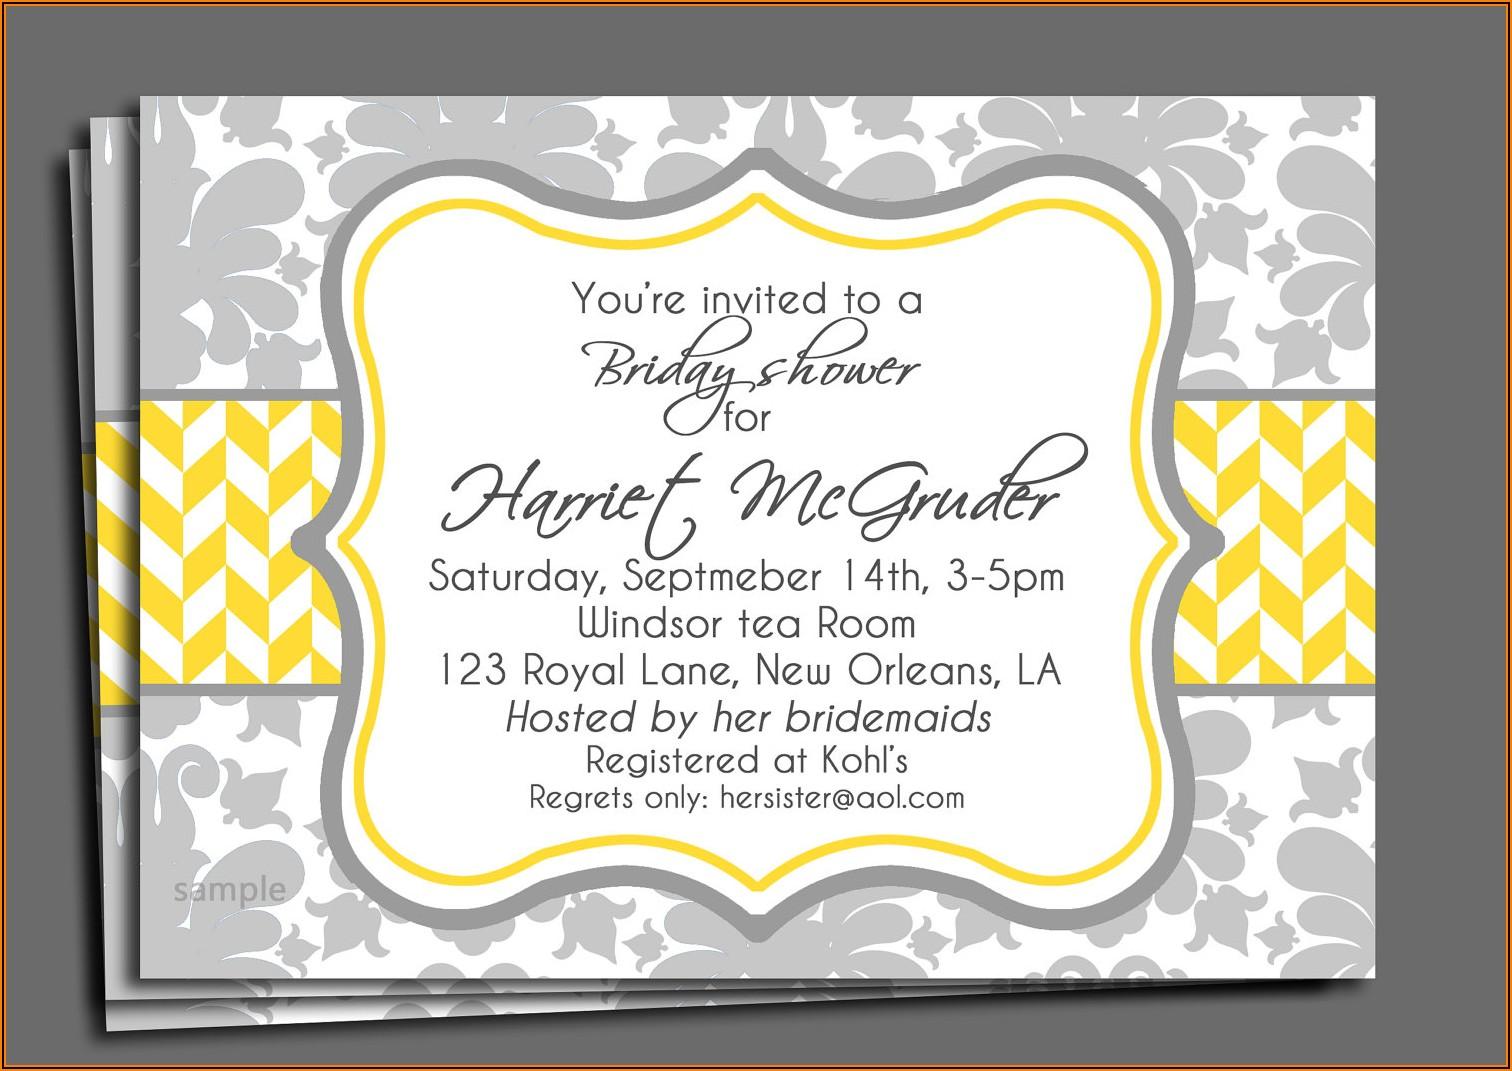 Formal Birthday Dinner Invitation Wording